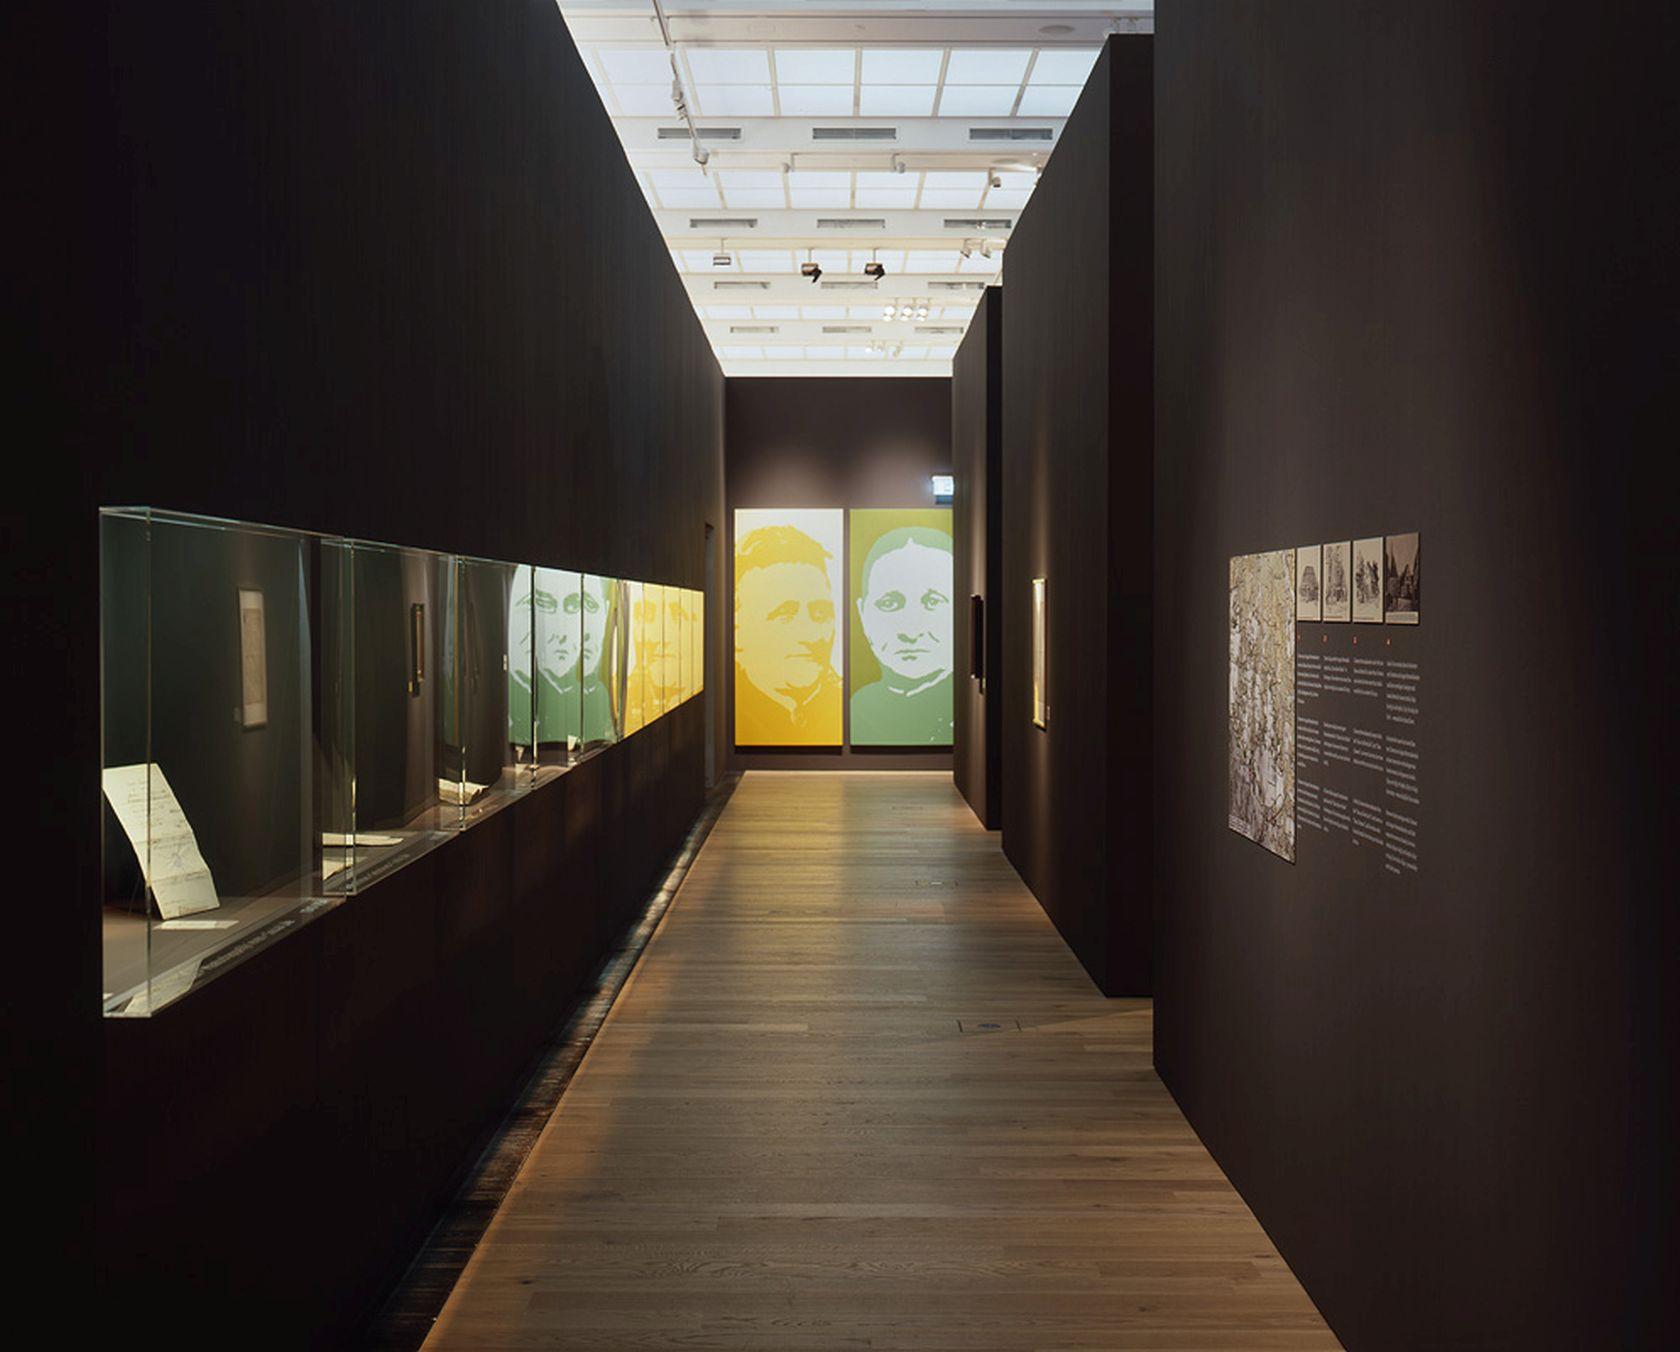 Ausstellung DRAI CLEMENS UND AUGUST-010